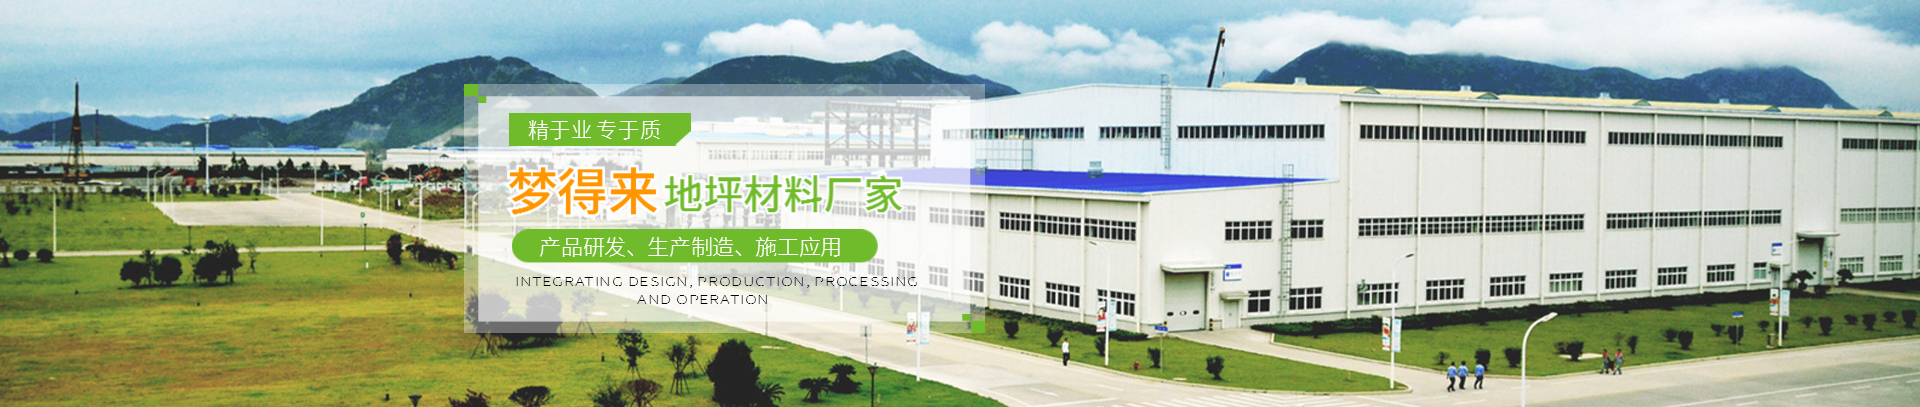 蘭州夢得來新材料有限公司公司介紹